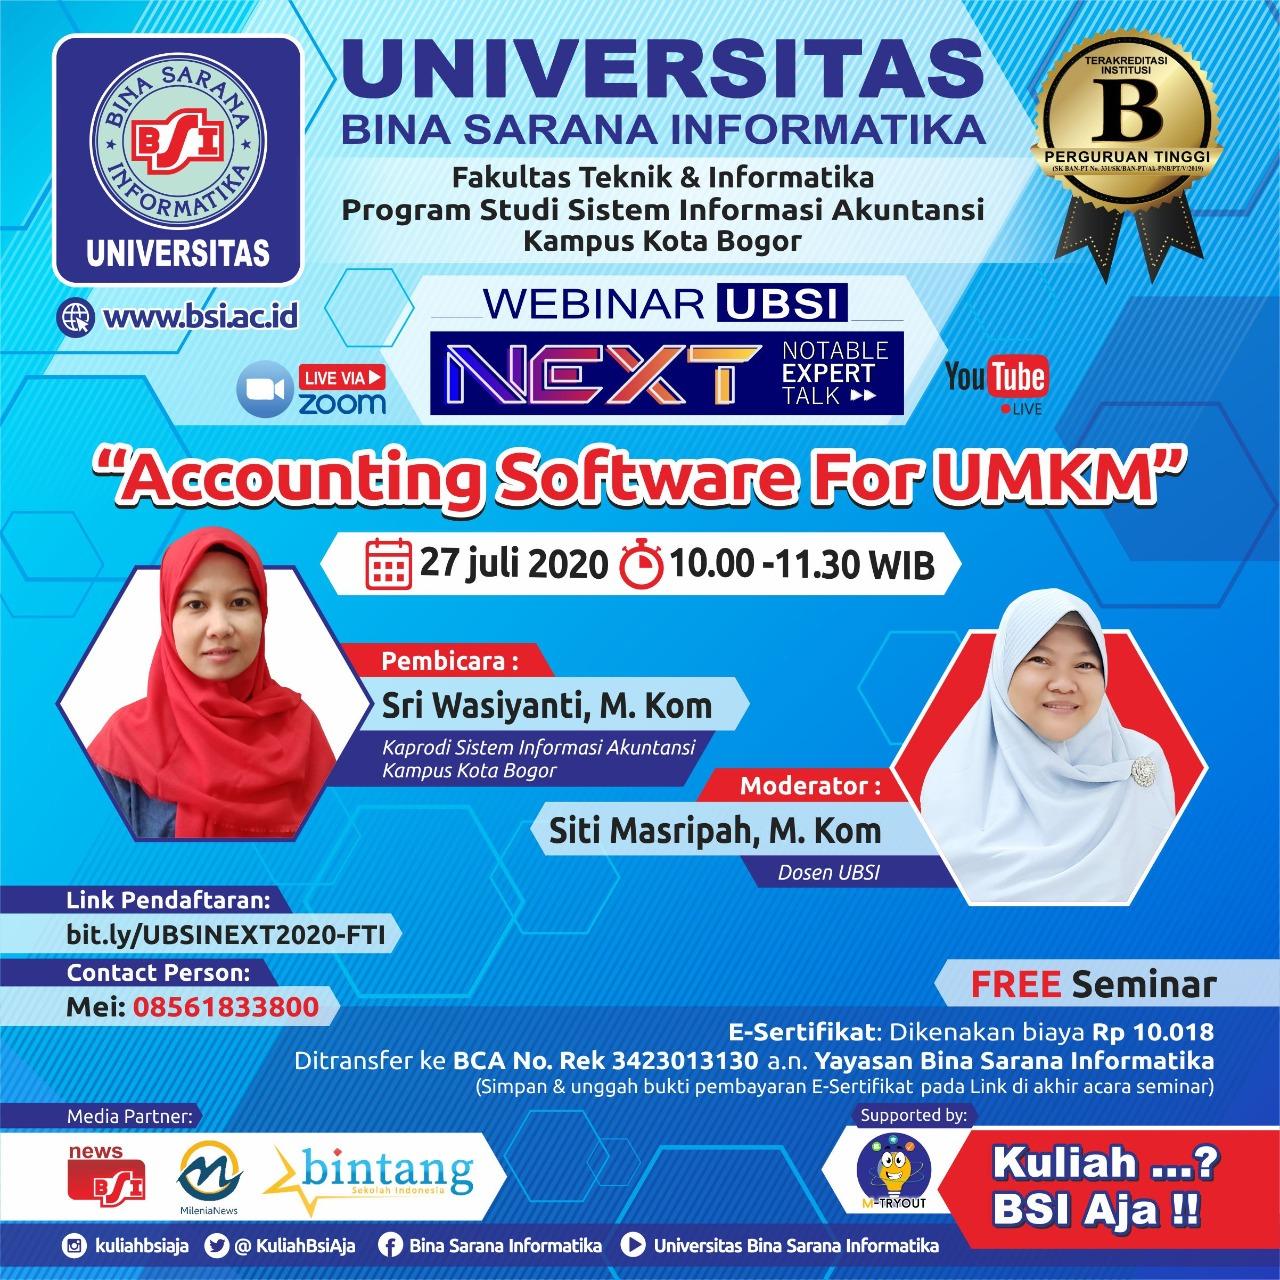 Program Studi Sistem Informasi Akuntansi UBSI Bogor Siap Menggelar Webinar Accounting 2